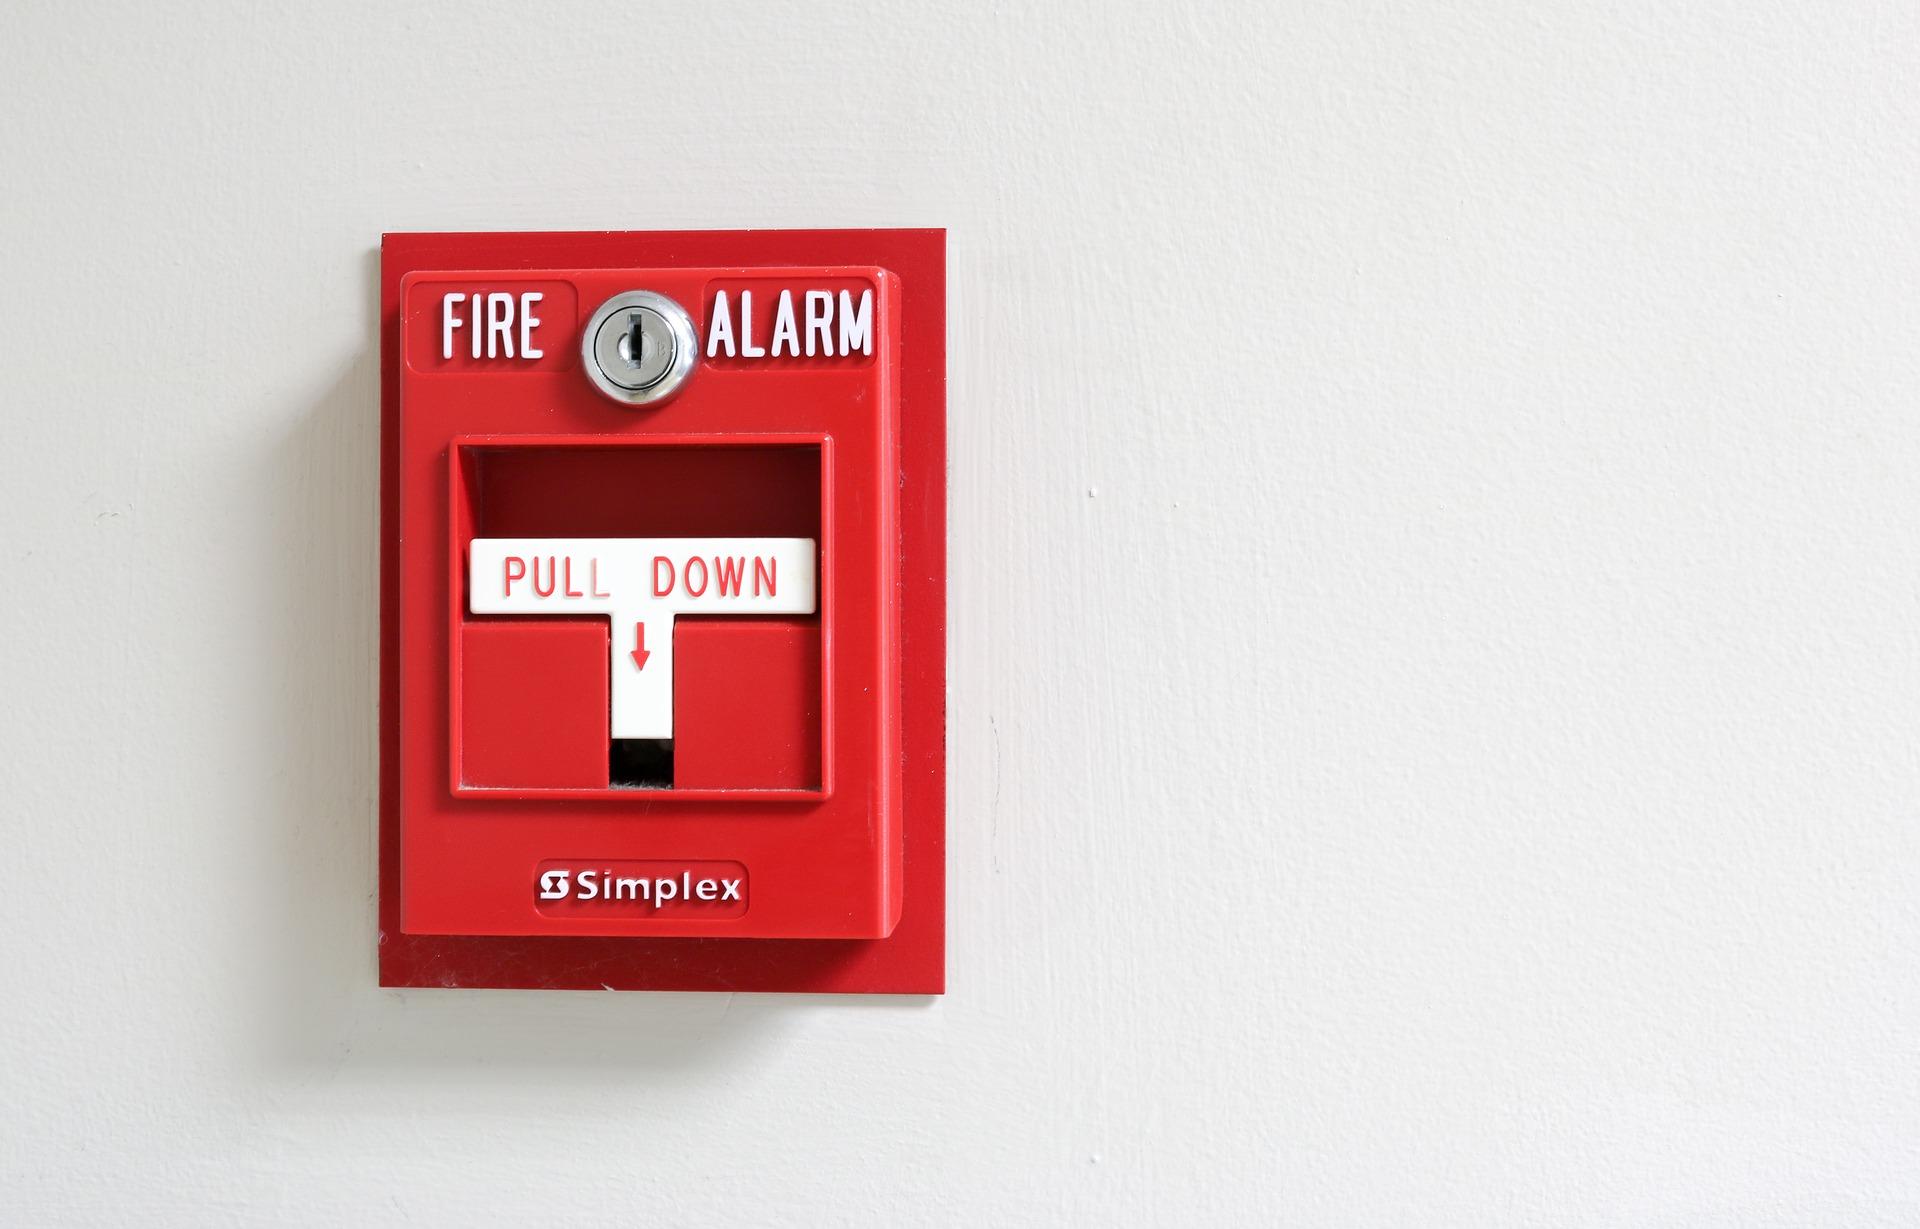 Instalaciones de detección de incendios (pulsadores, central de alarma de incendios, detección de humos, detectores, sirenas...)